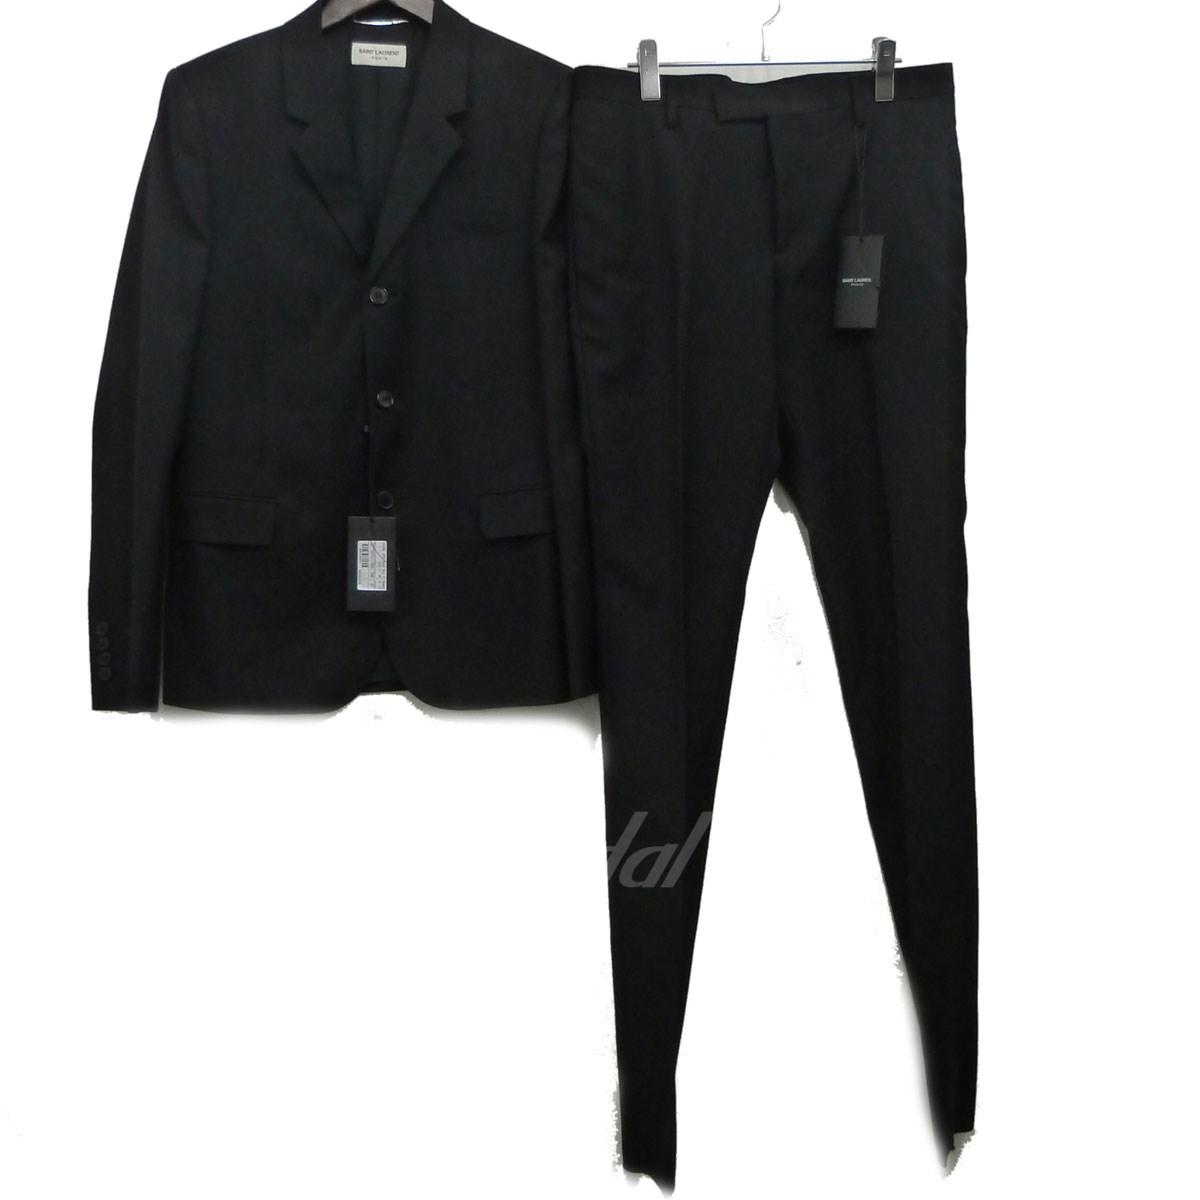 【中古】SAINT LAURENT PARIS 16AWセットアップスーツ ブラック サイズ:48/48 【送料無料】 【210418】(サンローランパリ)